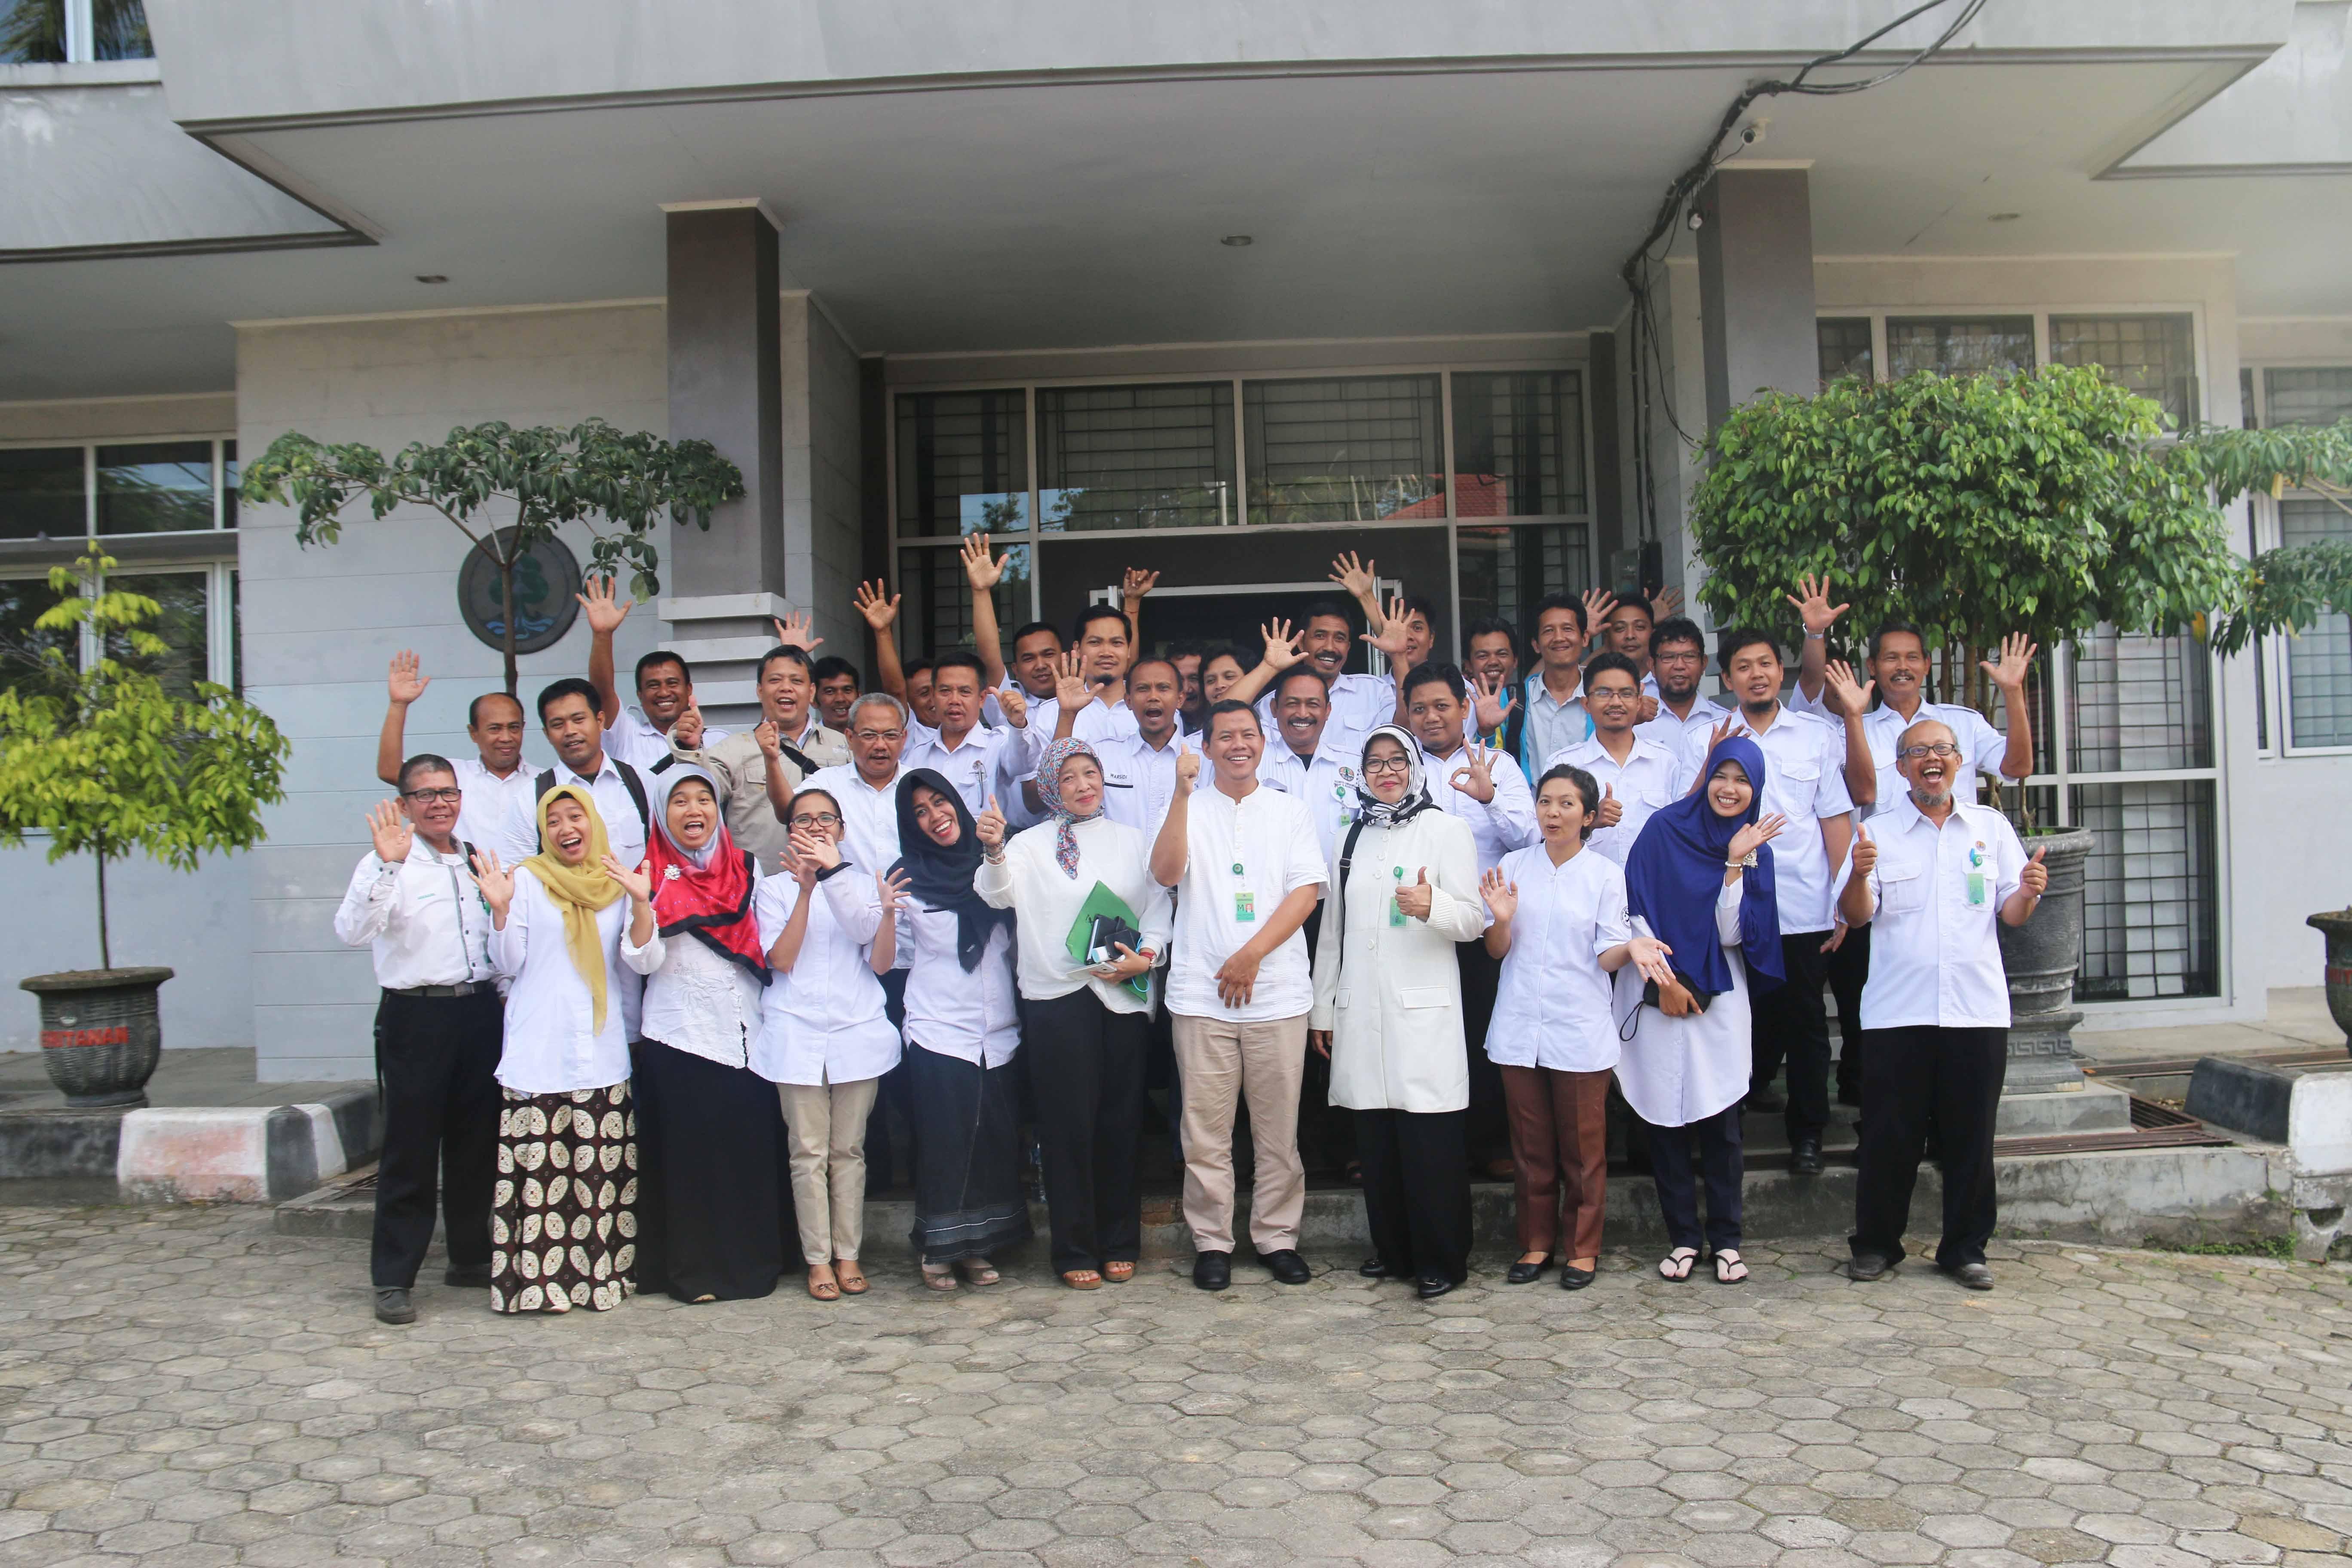 Sekbadan Litbang: Kembangkan Potensi KHDTK Samboja dengan Ekowisata, Eduwisata dan Edutainment